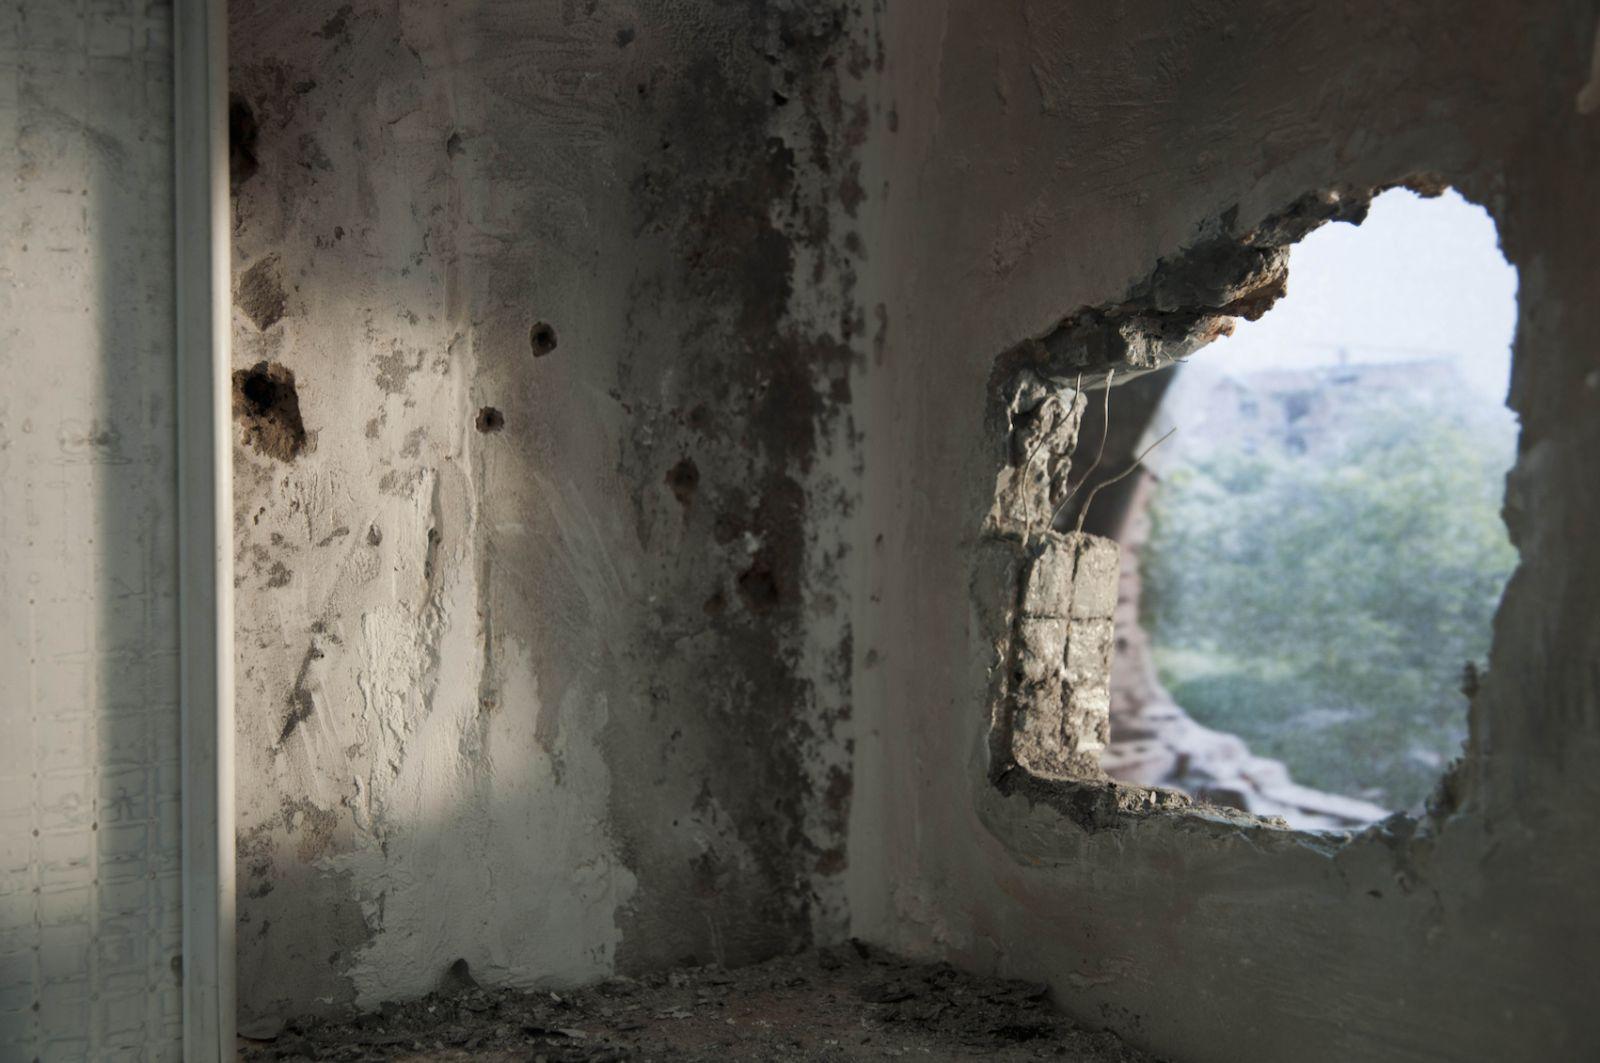 sara-acremann-la-breche-2010-installation-photographie-numerique-14.5x22cm-341374a09fca6ce2d9aaec34c5f3bcc7